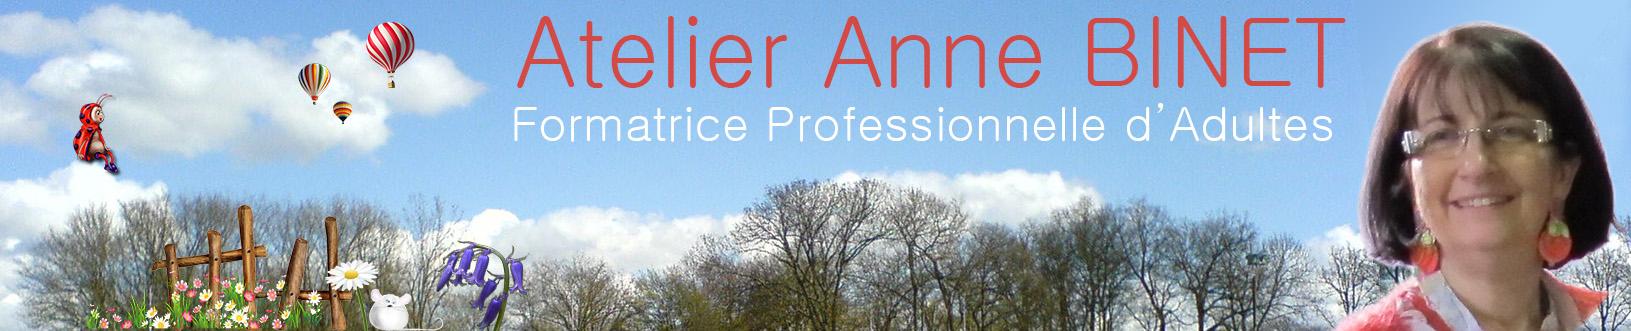 Atelier Anne BINET